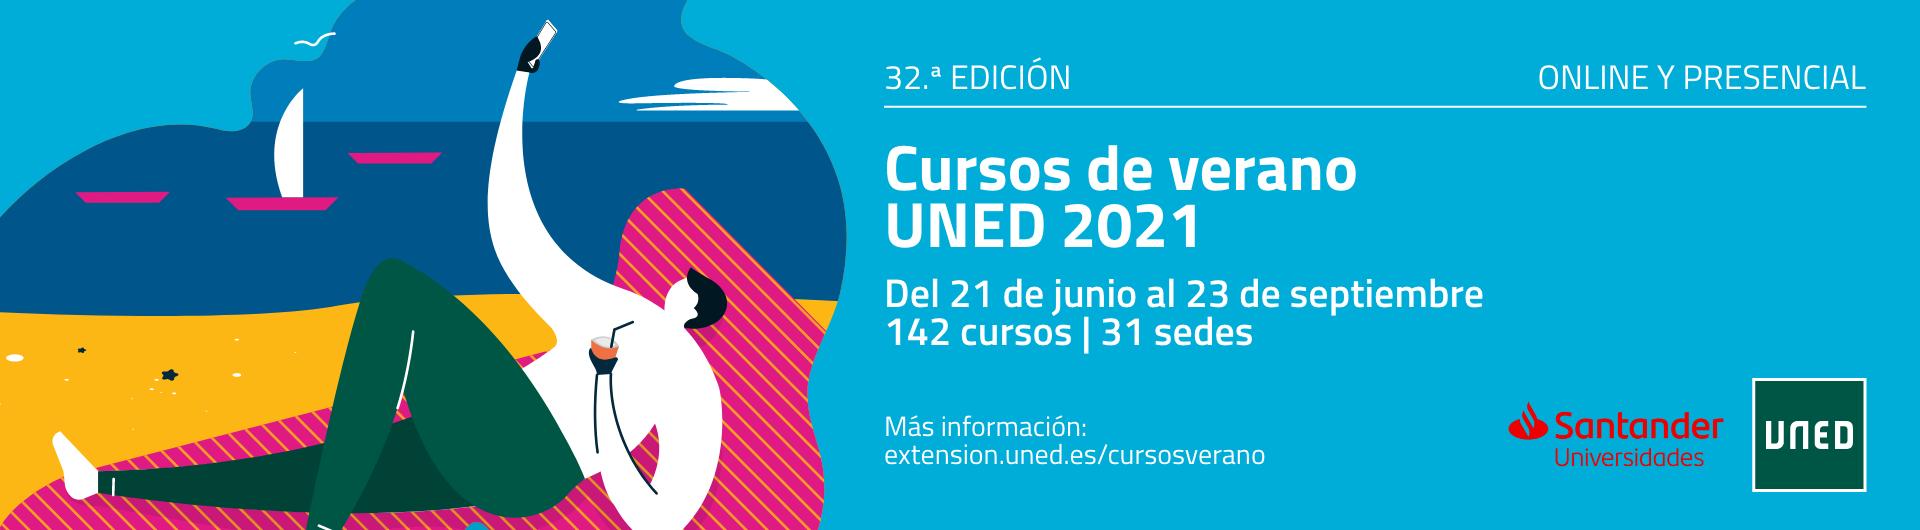 Cursos de verano UNED 2021. 32ª Edición.